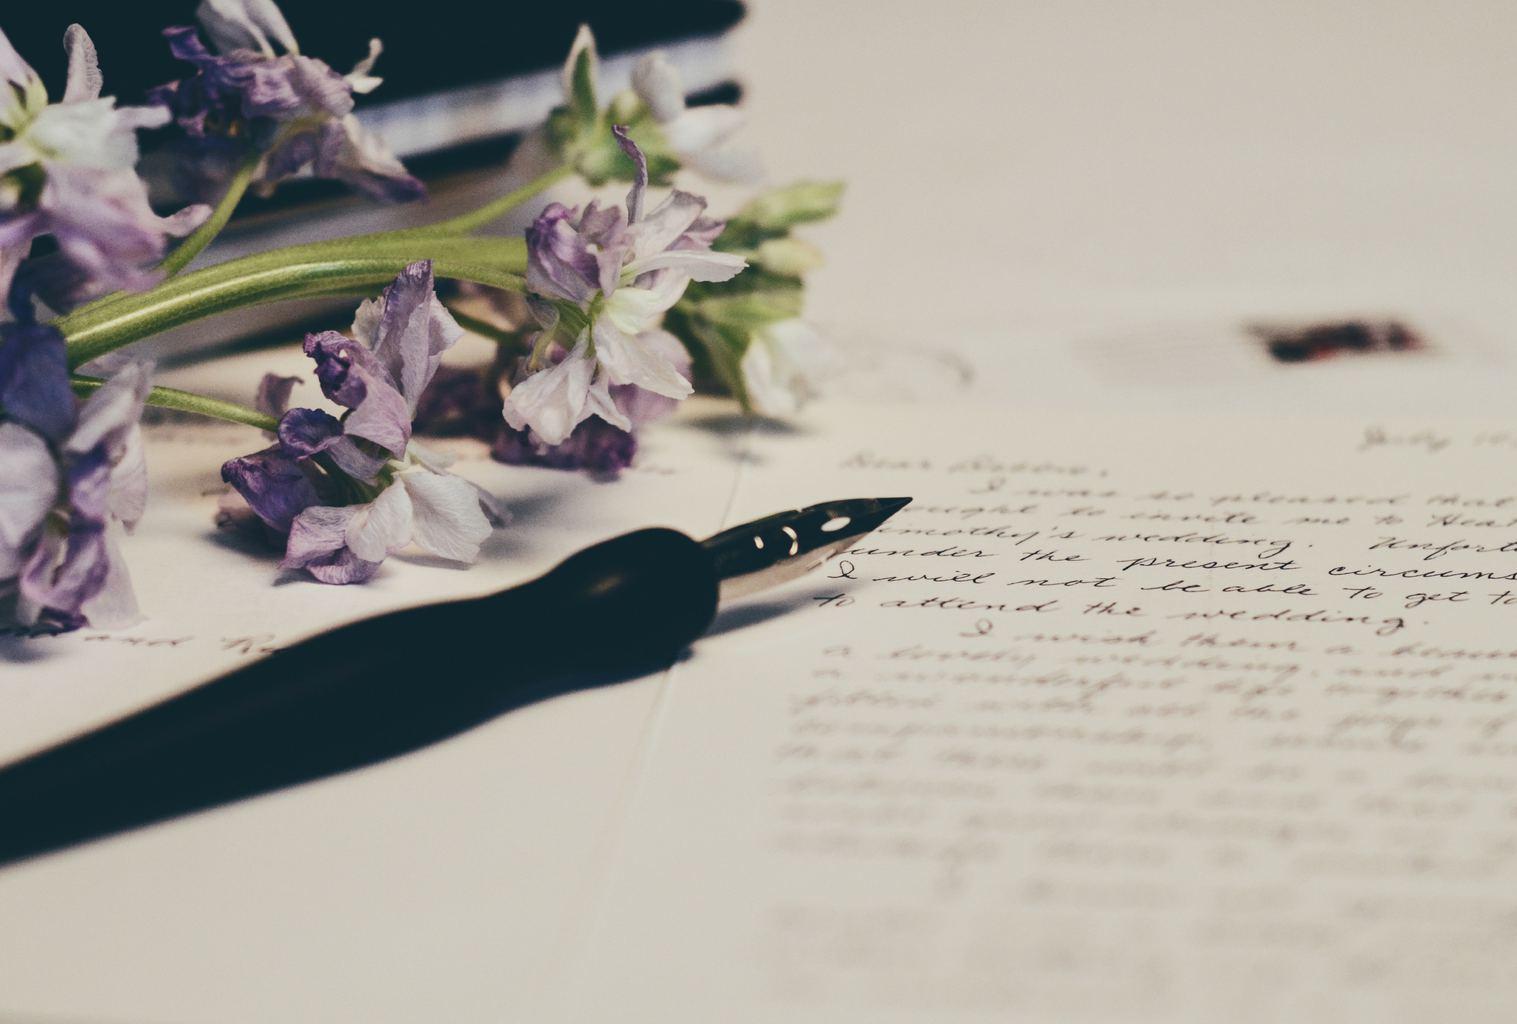 Journal entry in script